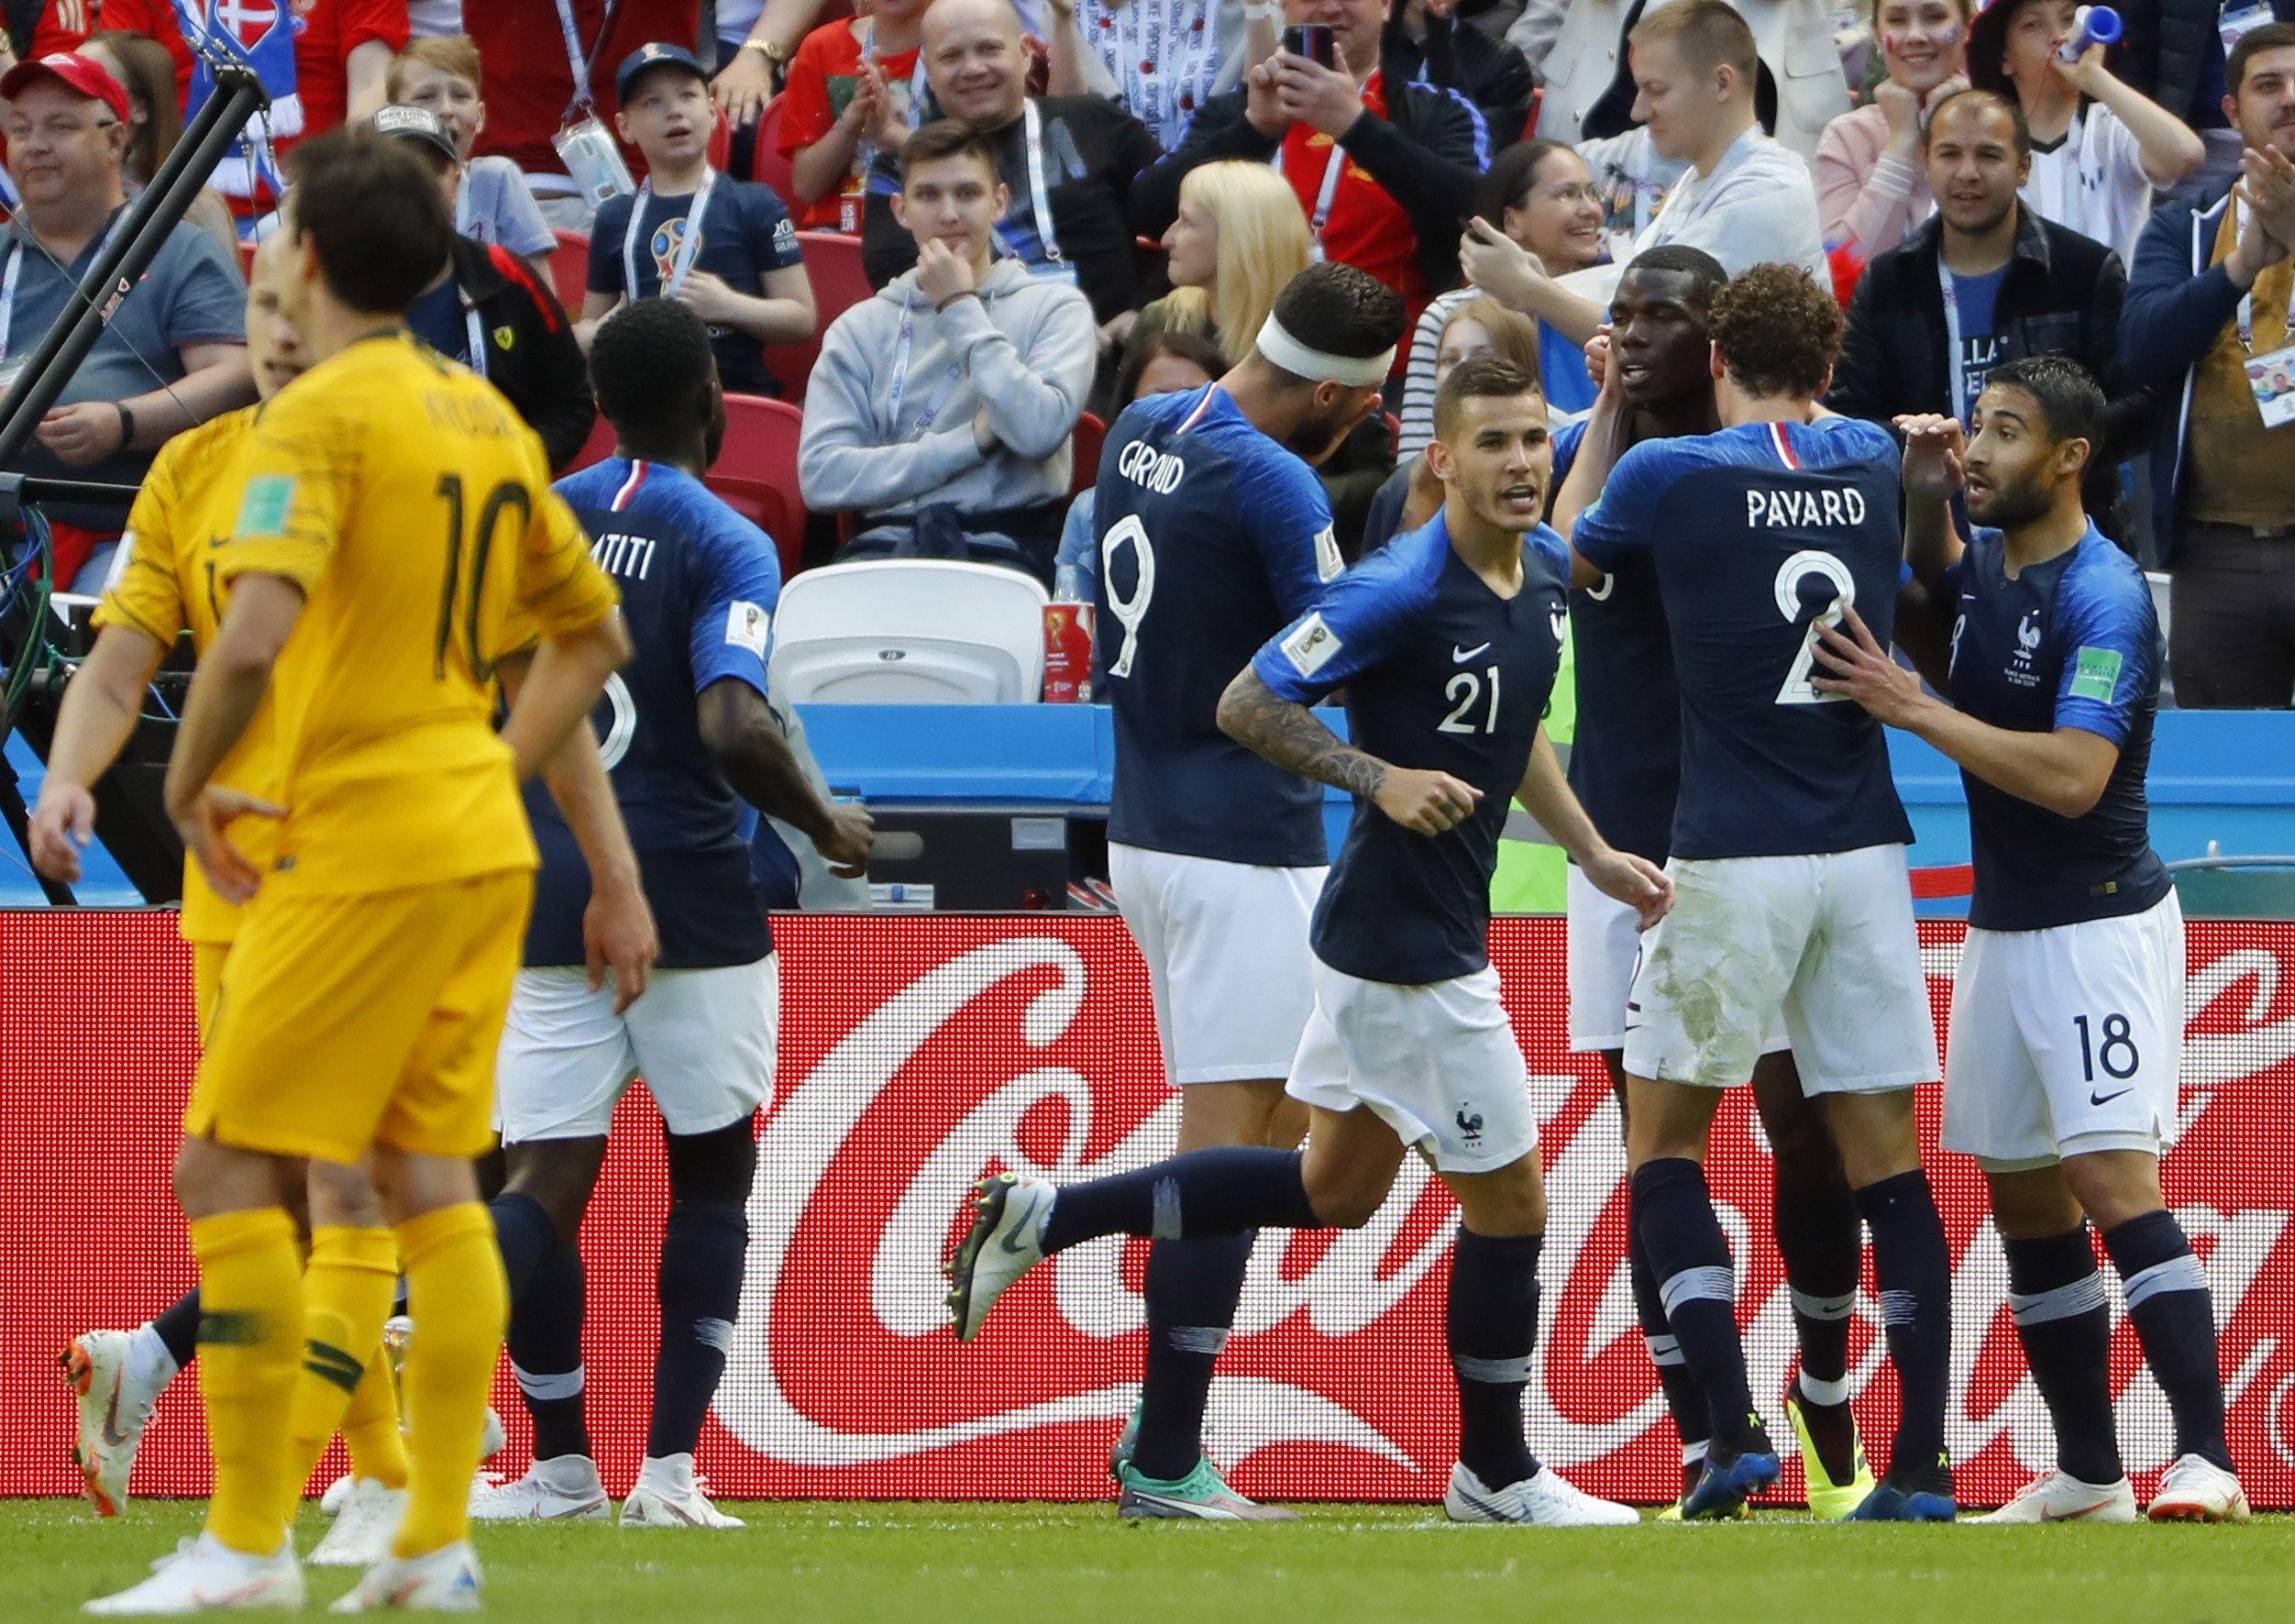 Francia debutó con triunfo en Rusia. Foto: EFE